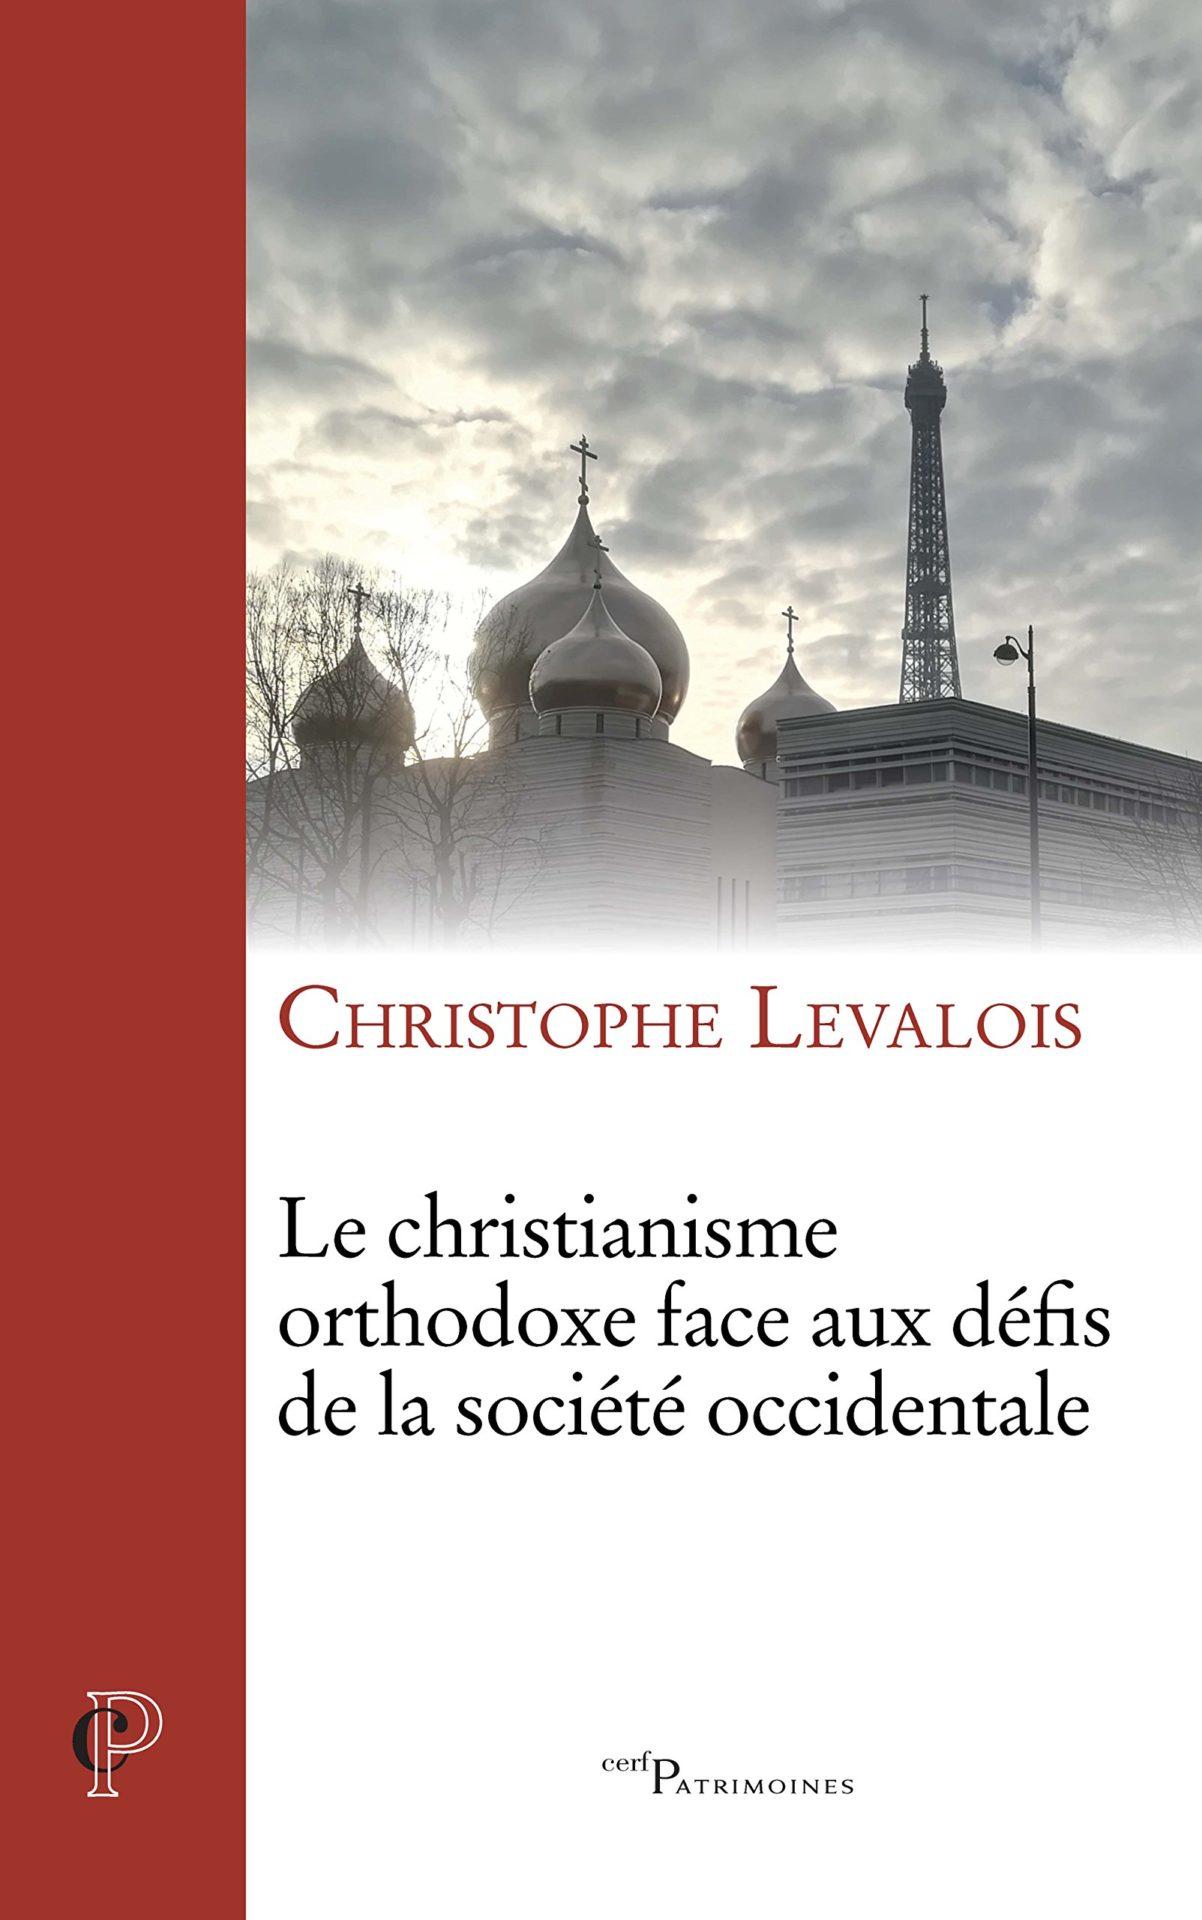 Le christianisme orthodoxe face aux défis de la société occidentale levallois (Cerf Patrimoines).